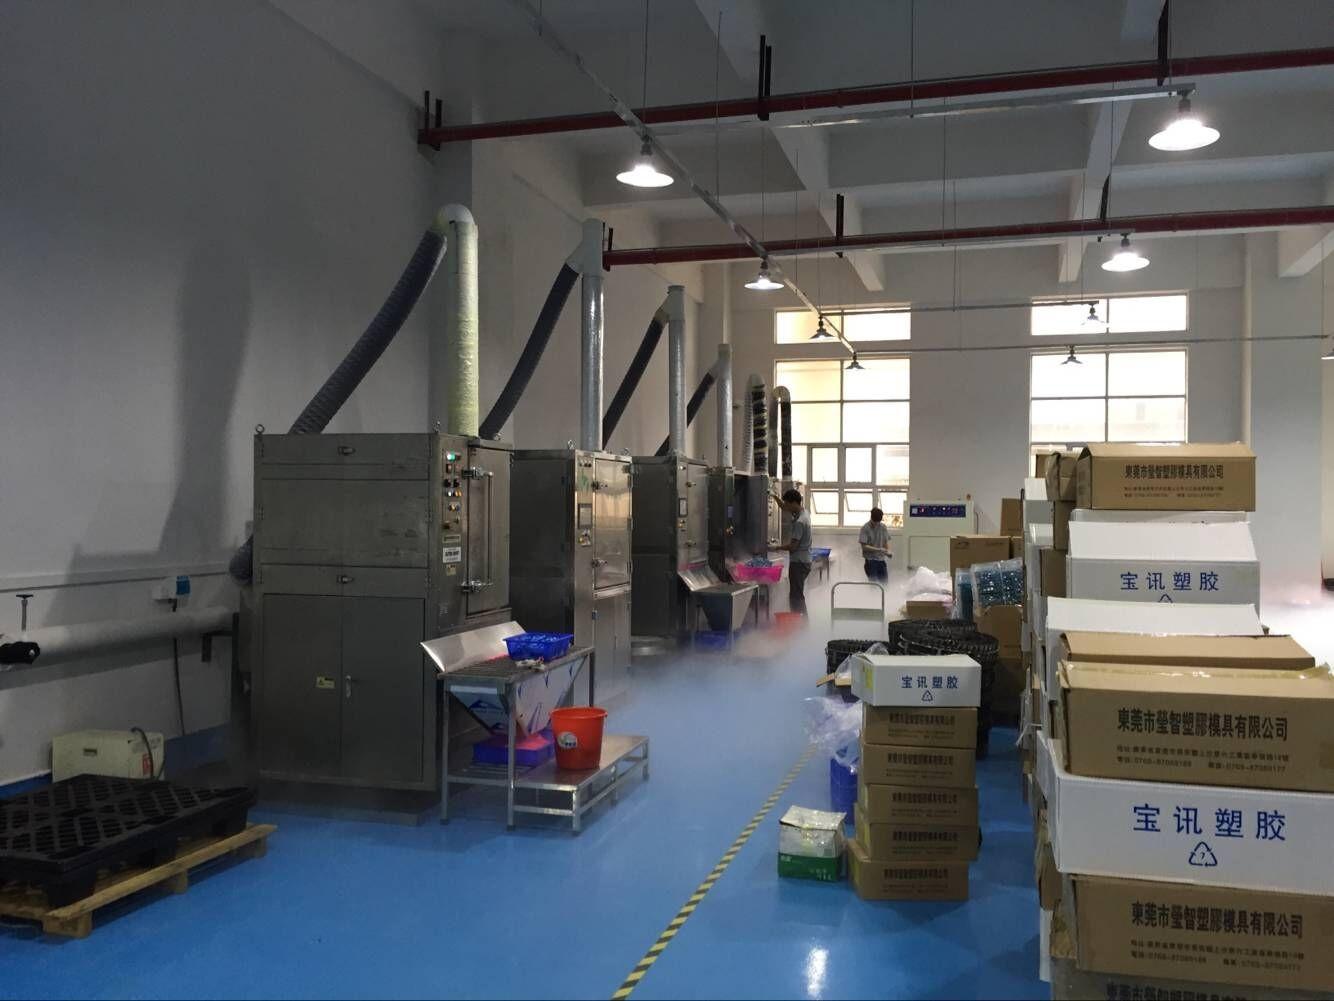 橡胶金属冷冻去毛边机在工业中的地位与作用